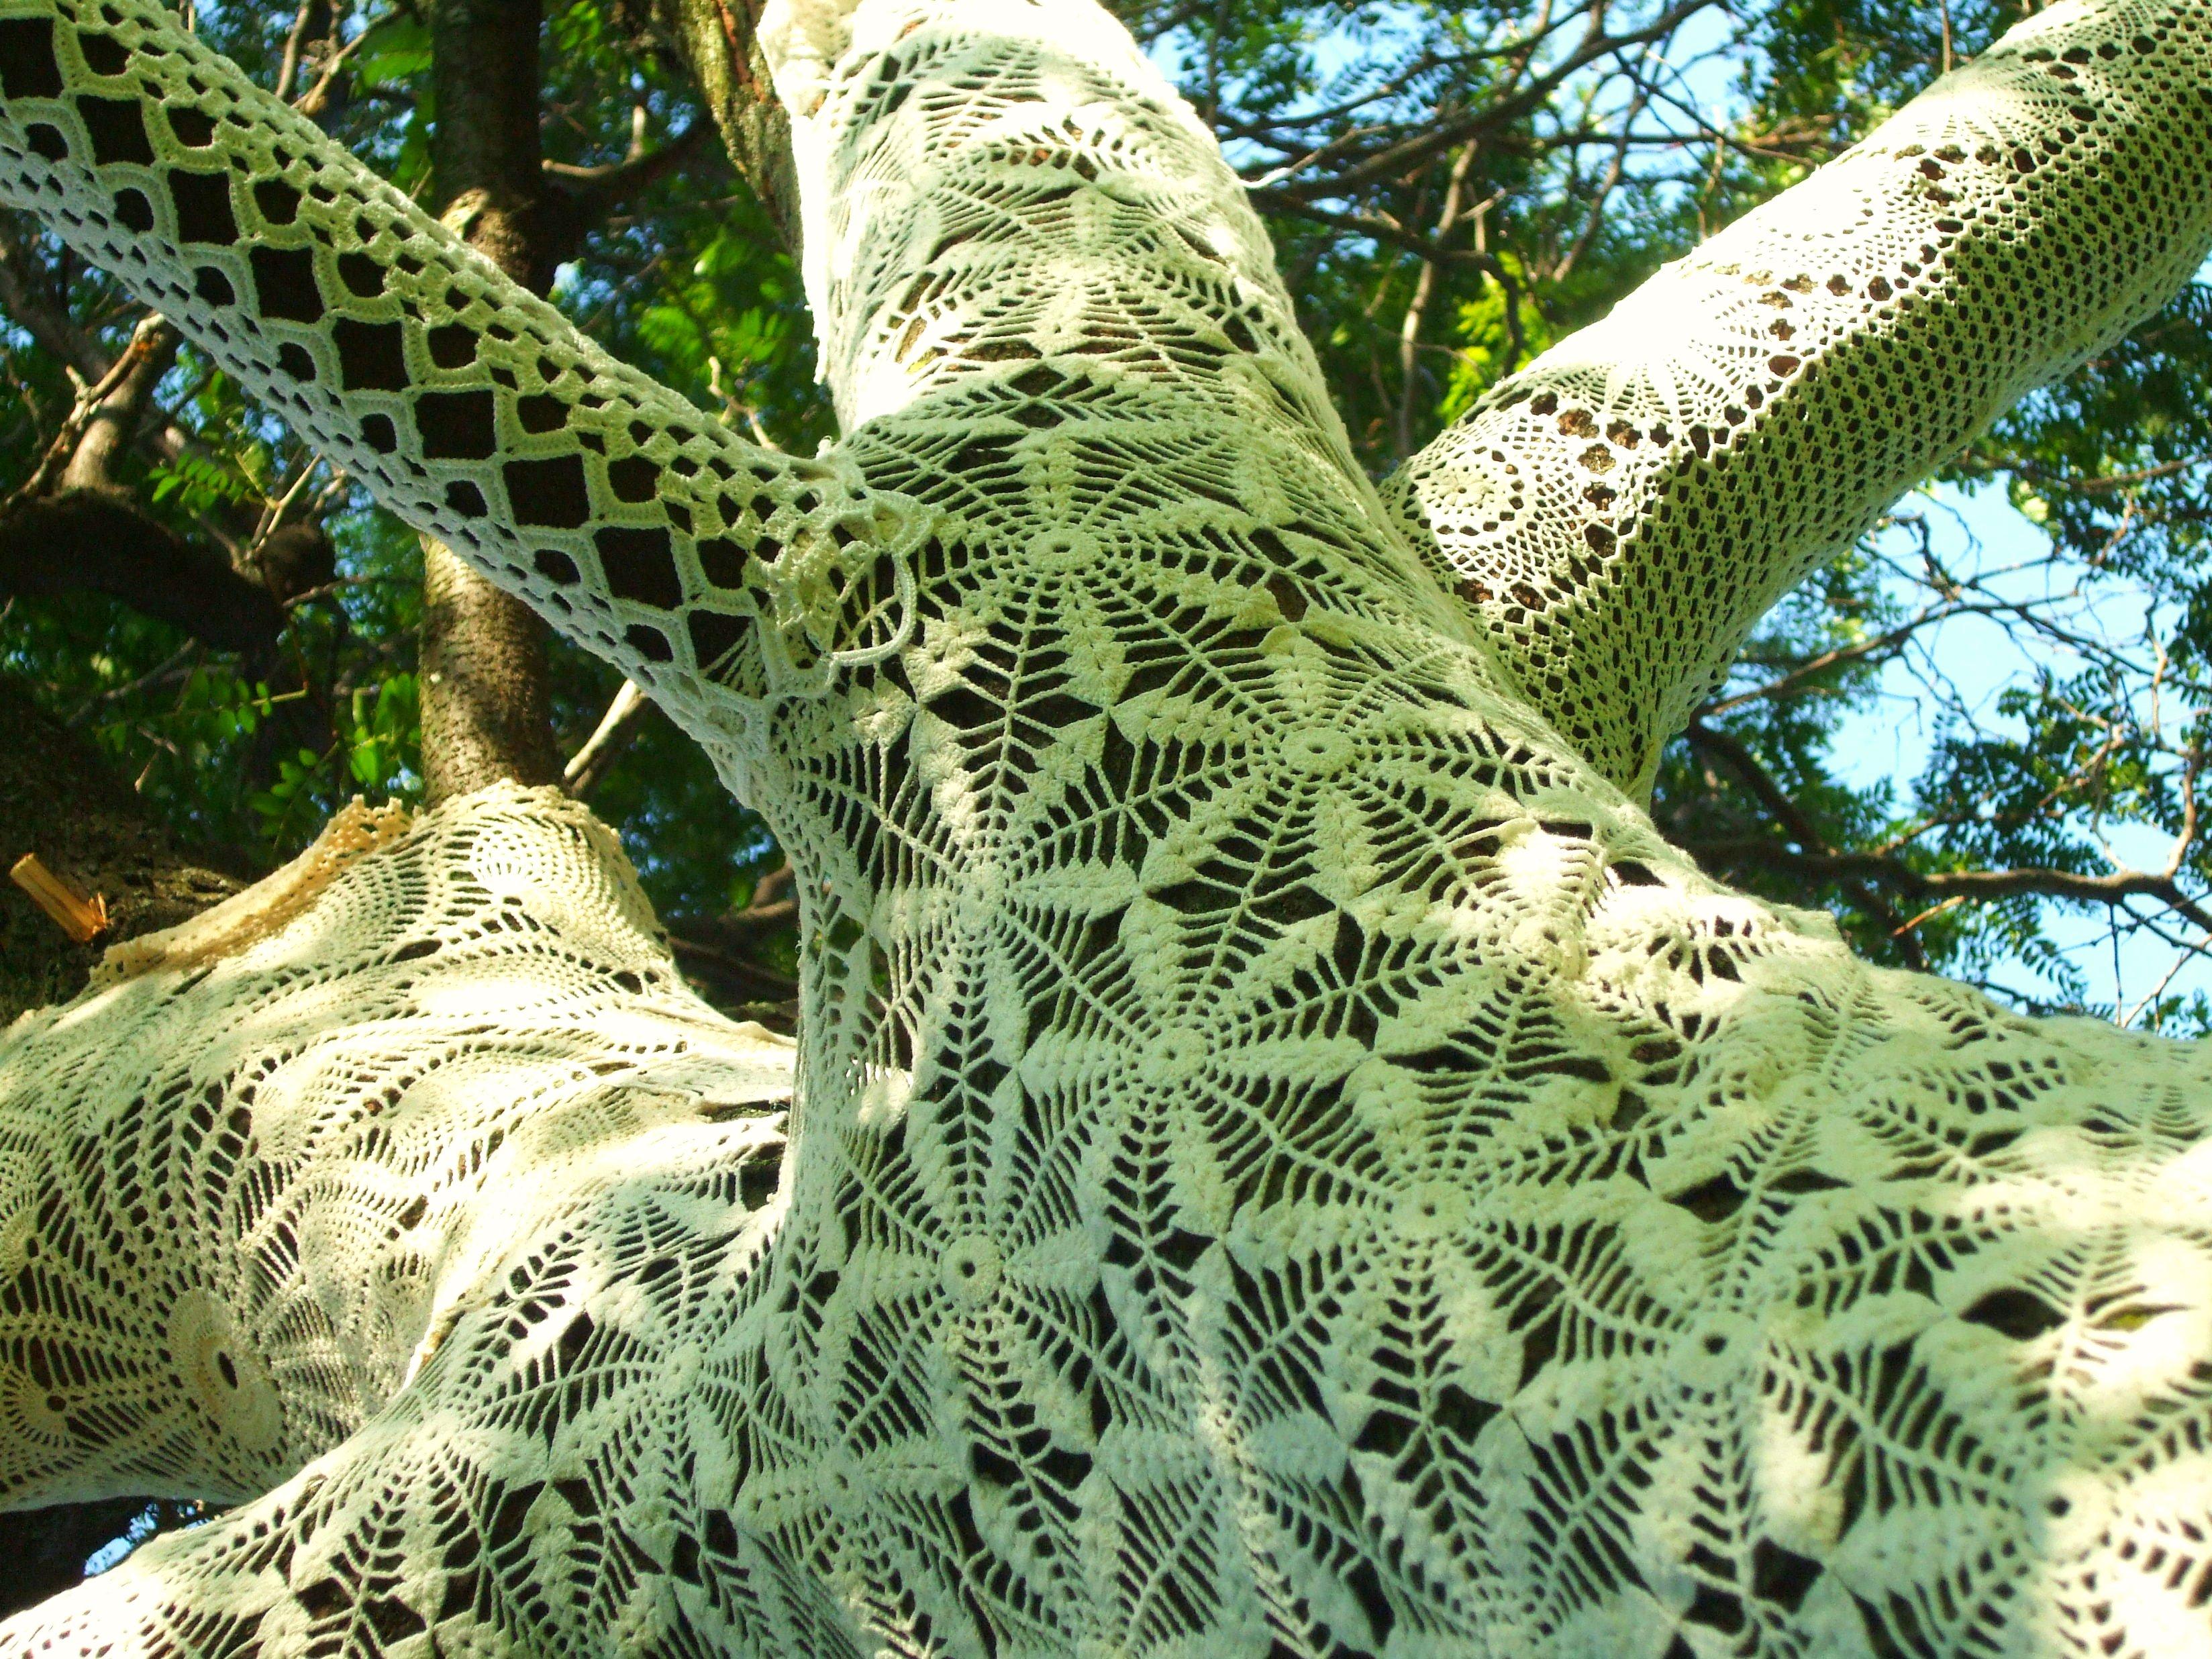 Hintergrundbilder : Weiß, Gras, Ast, Grün, Muster, Spitze, Baum ...